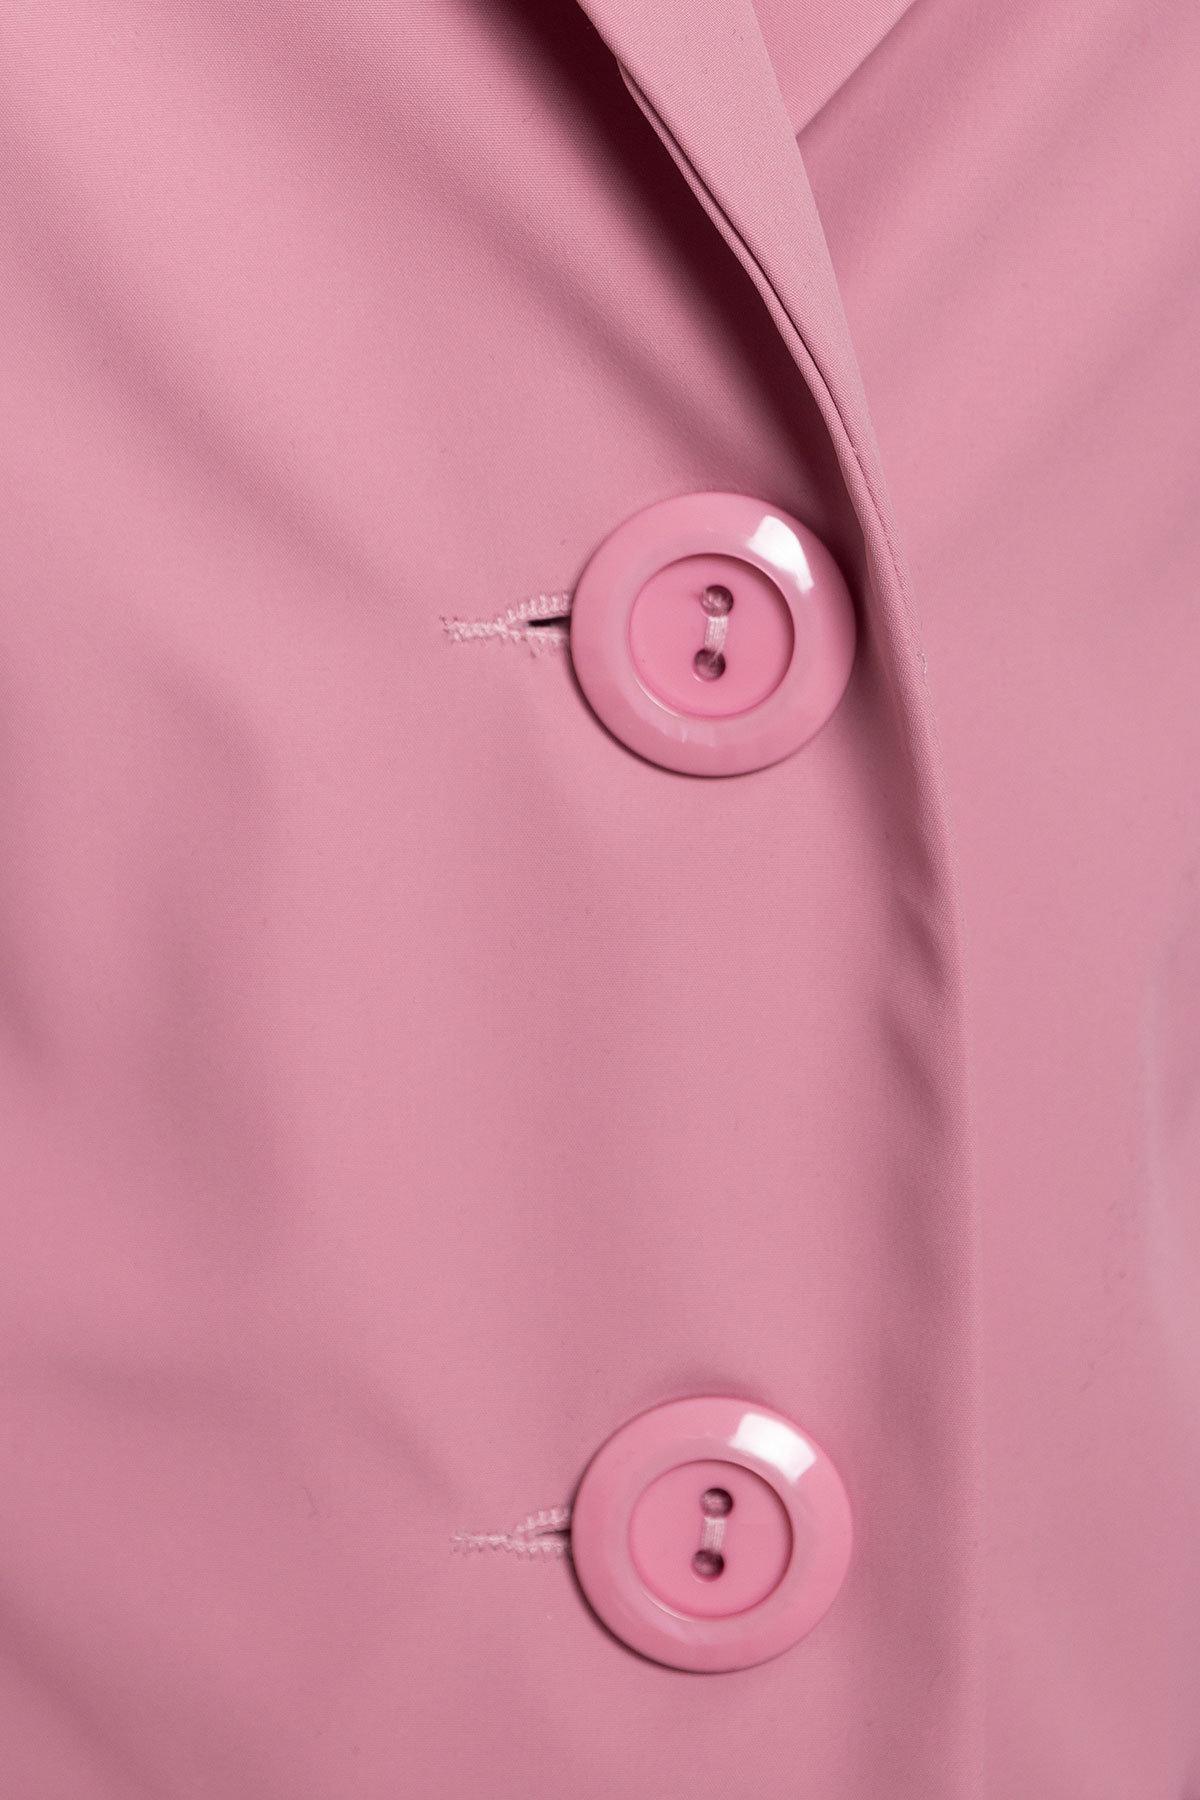 Плащ с накладными карманами Миссони 2087 АРТ. 13590 Цвет: Чайная роза  - фото 5, интернет магазин tm-modus.ru